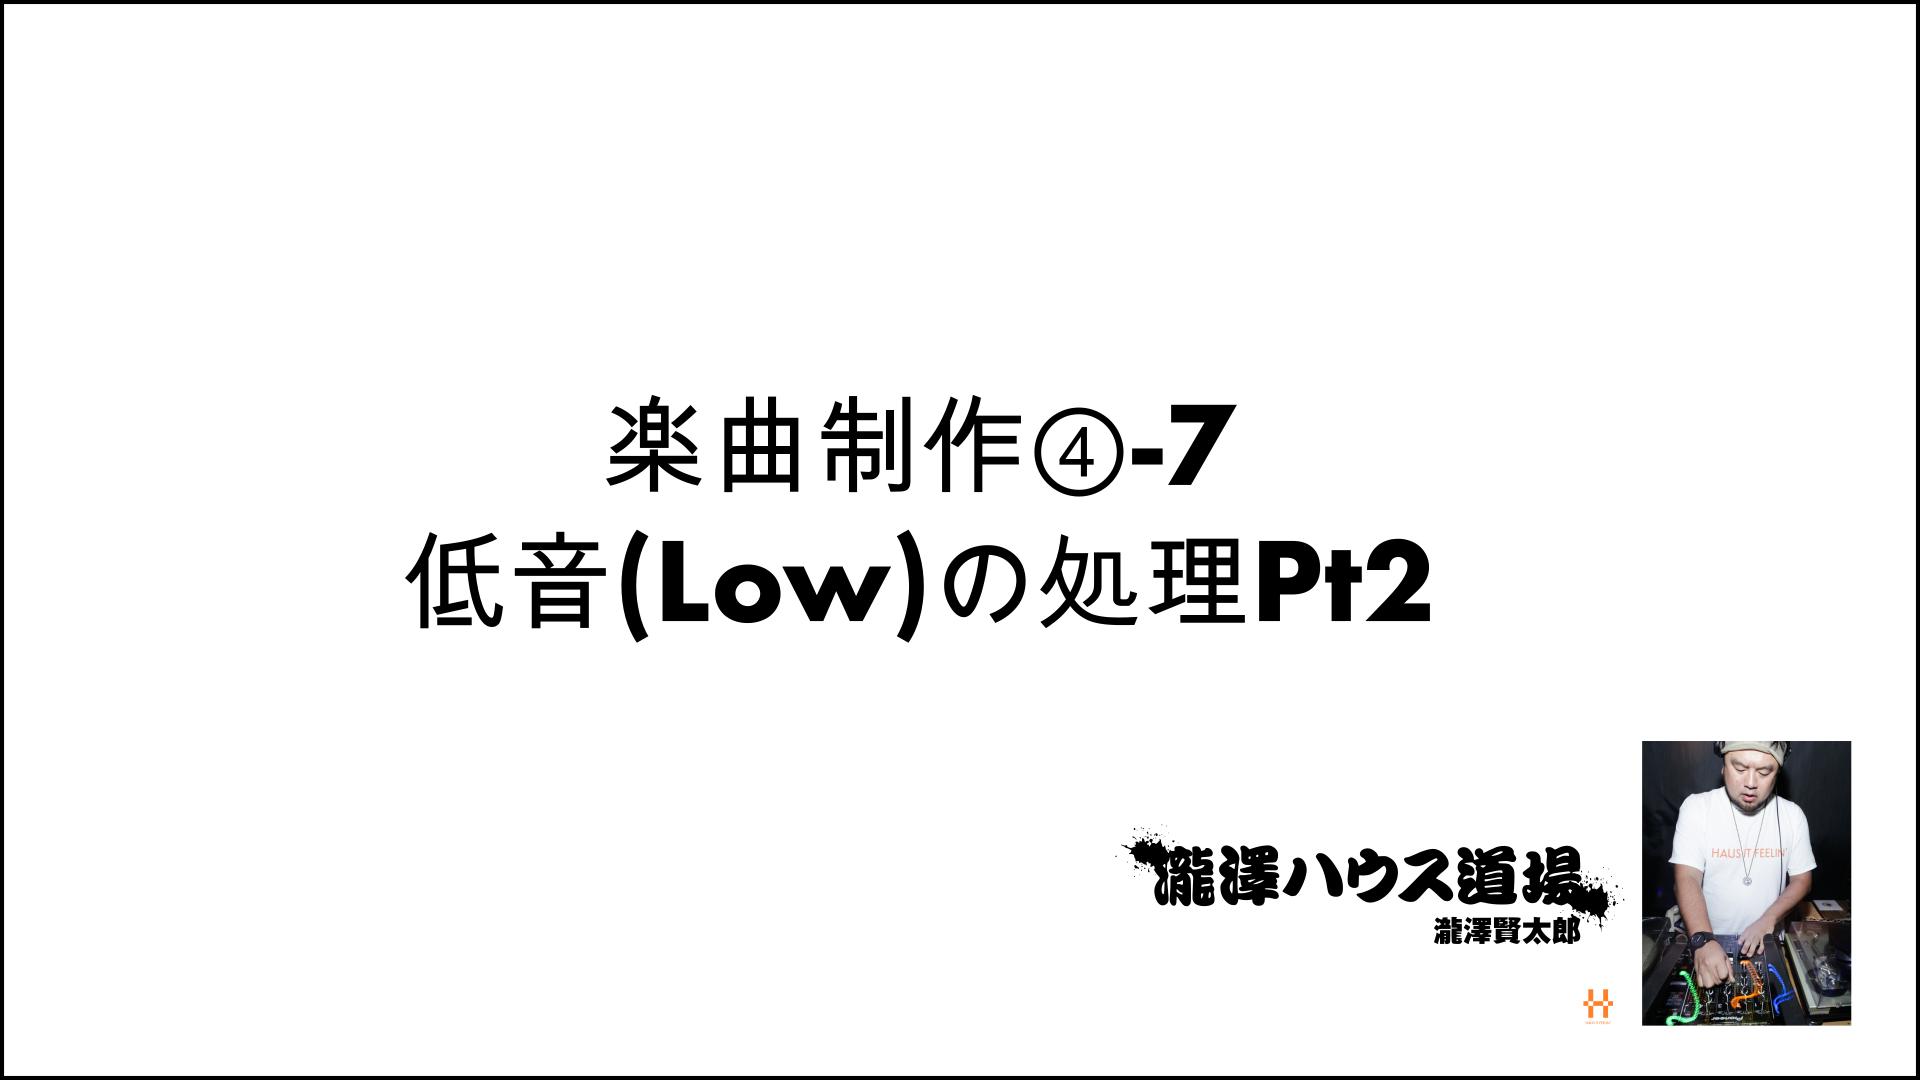 楽曲制作④-7低音(Low)の処理Pt2